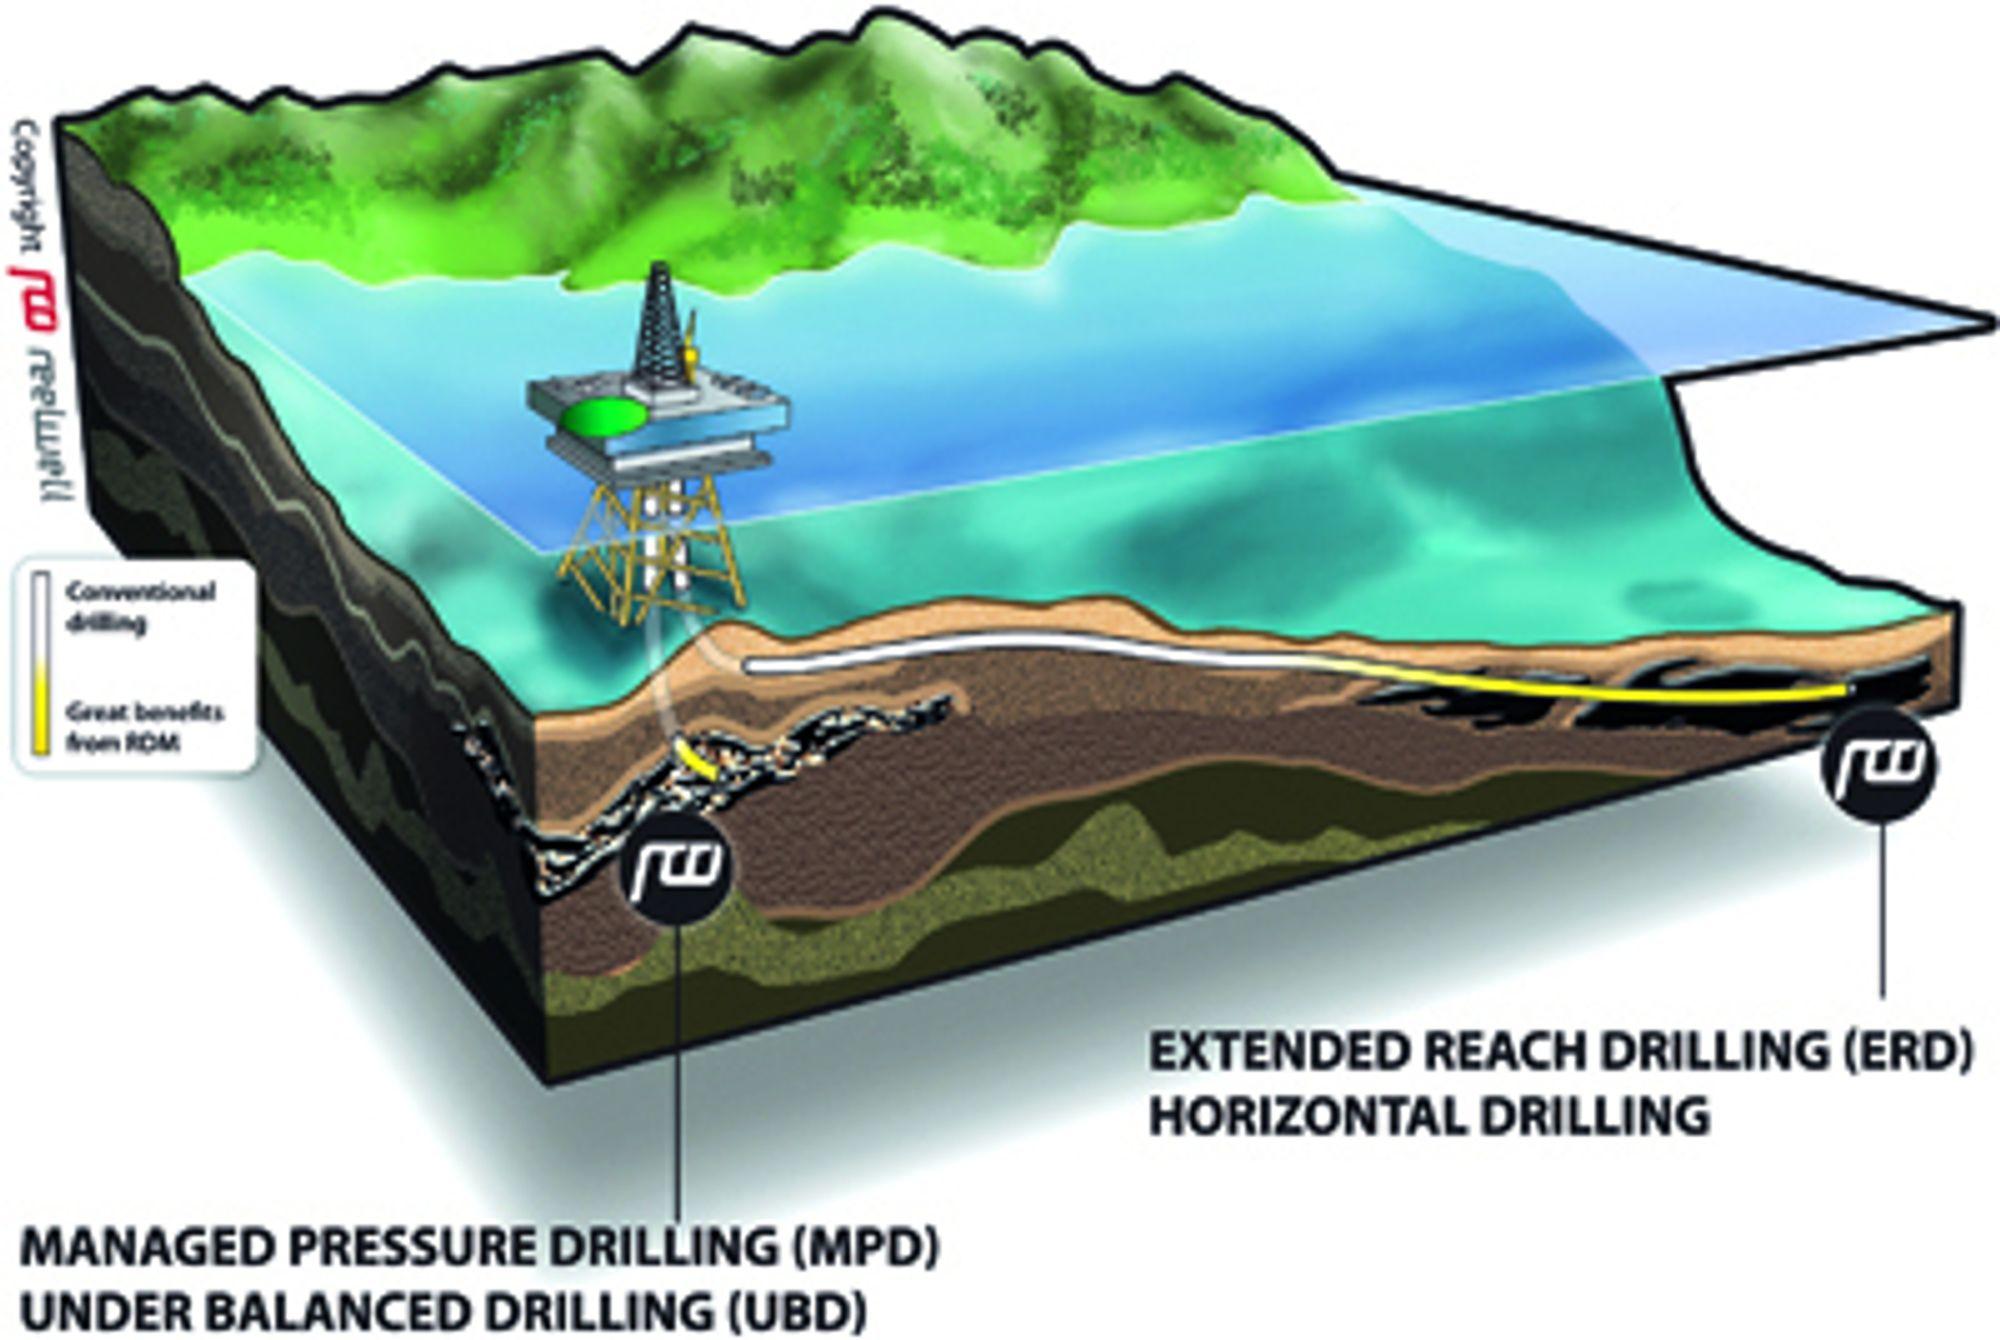 SLURP: Oljeselskapene kan nå reservoarer langt unna plattformen med Reelwells boremetode.